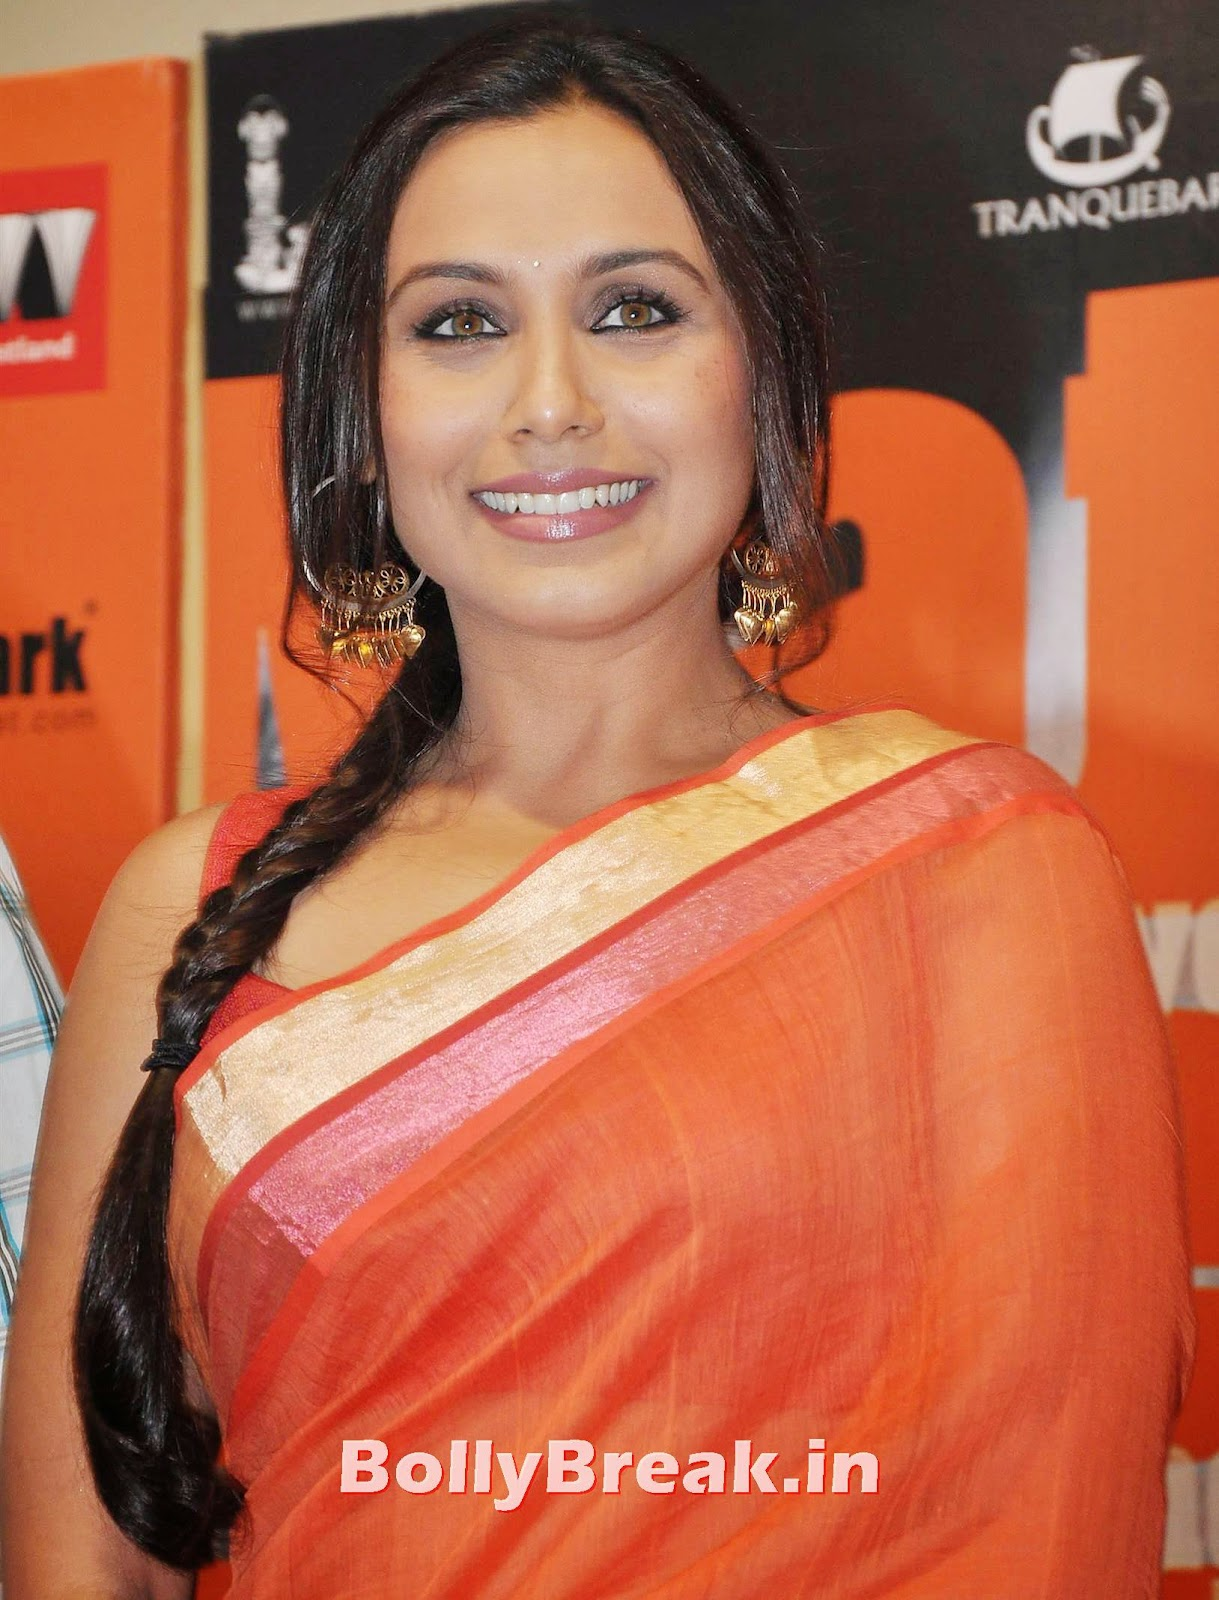 Rani Mukherjee Bengali Saree Hot Slike v visoki ločljivosti - 5 Slike-2875